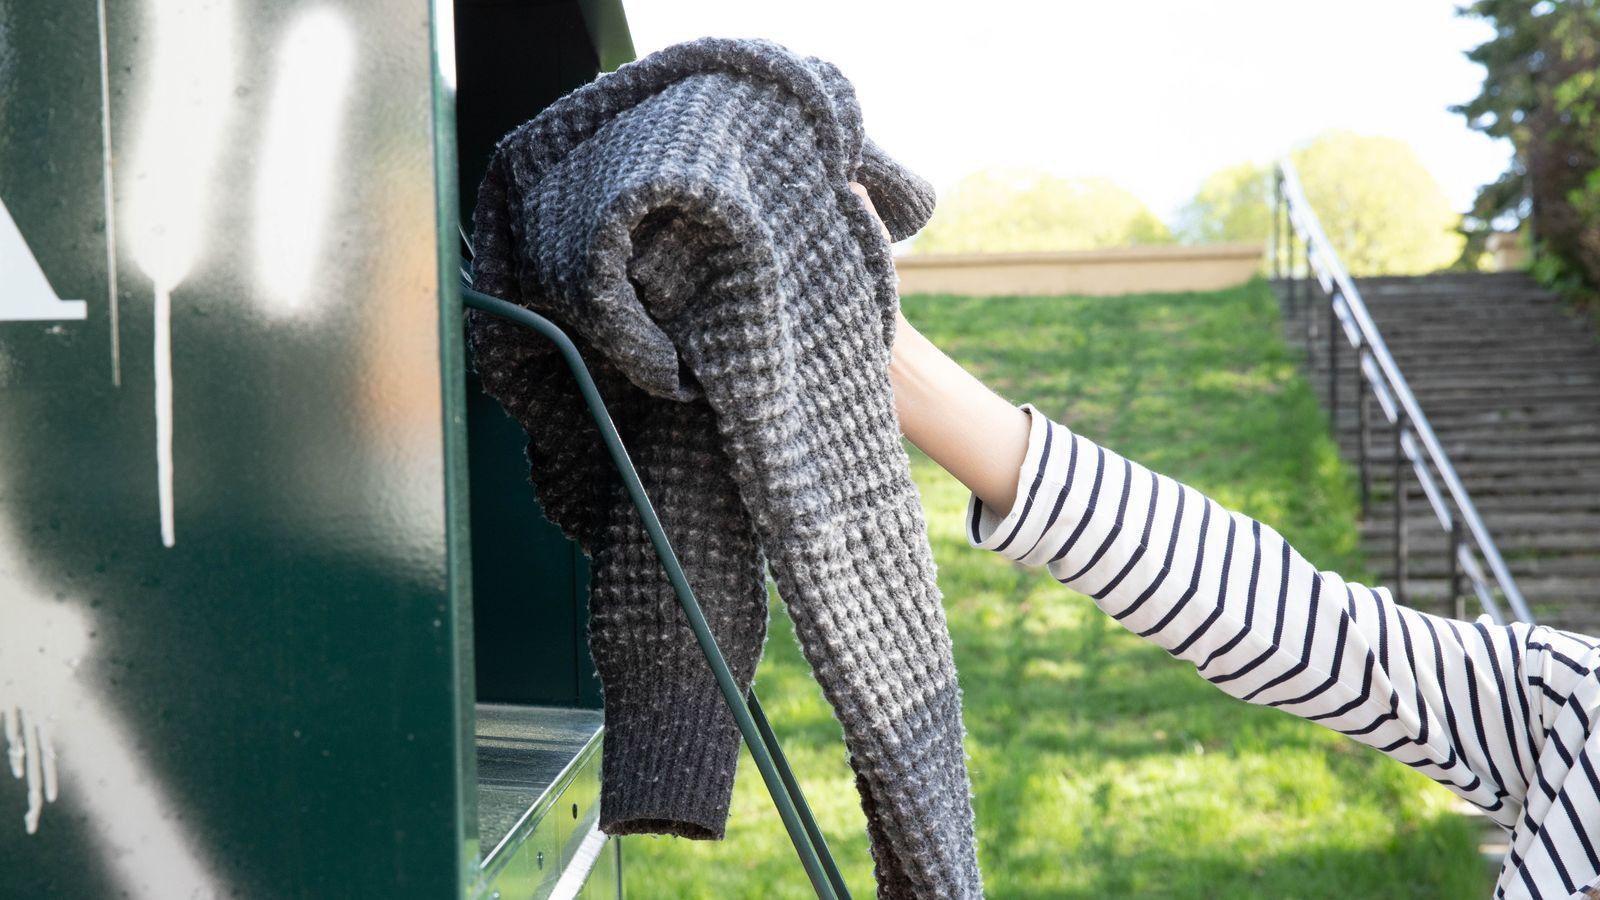 En hånd løfter en grå genser av plast opp mot åpningen på en Fretex-container